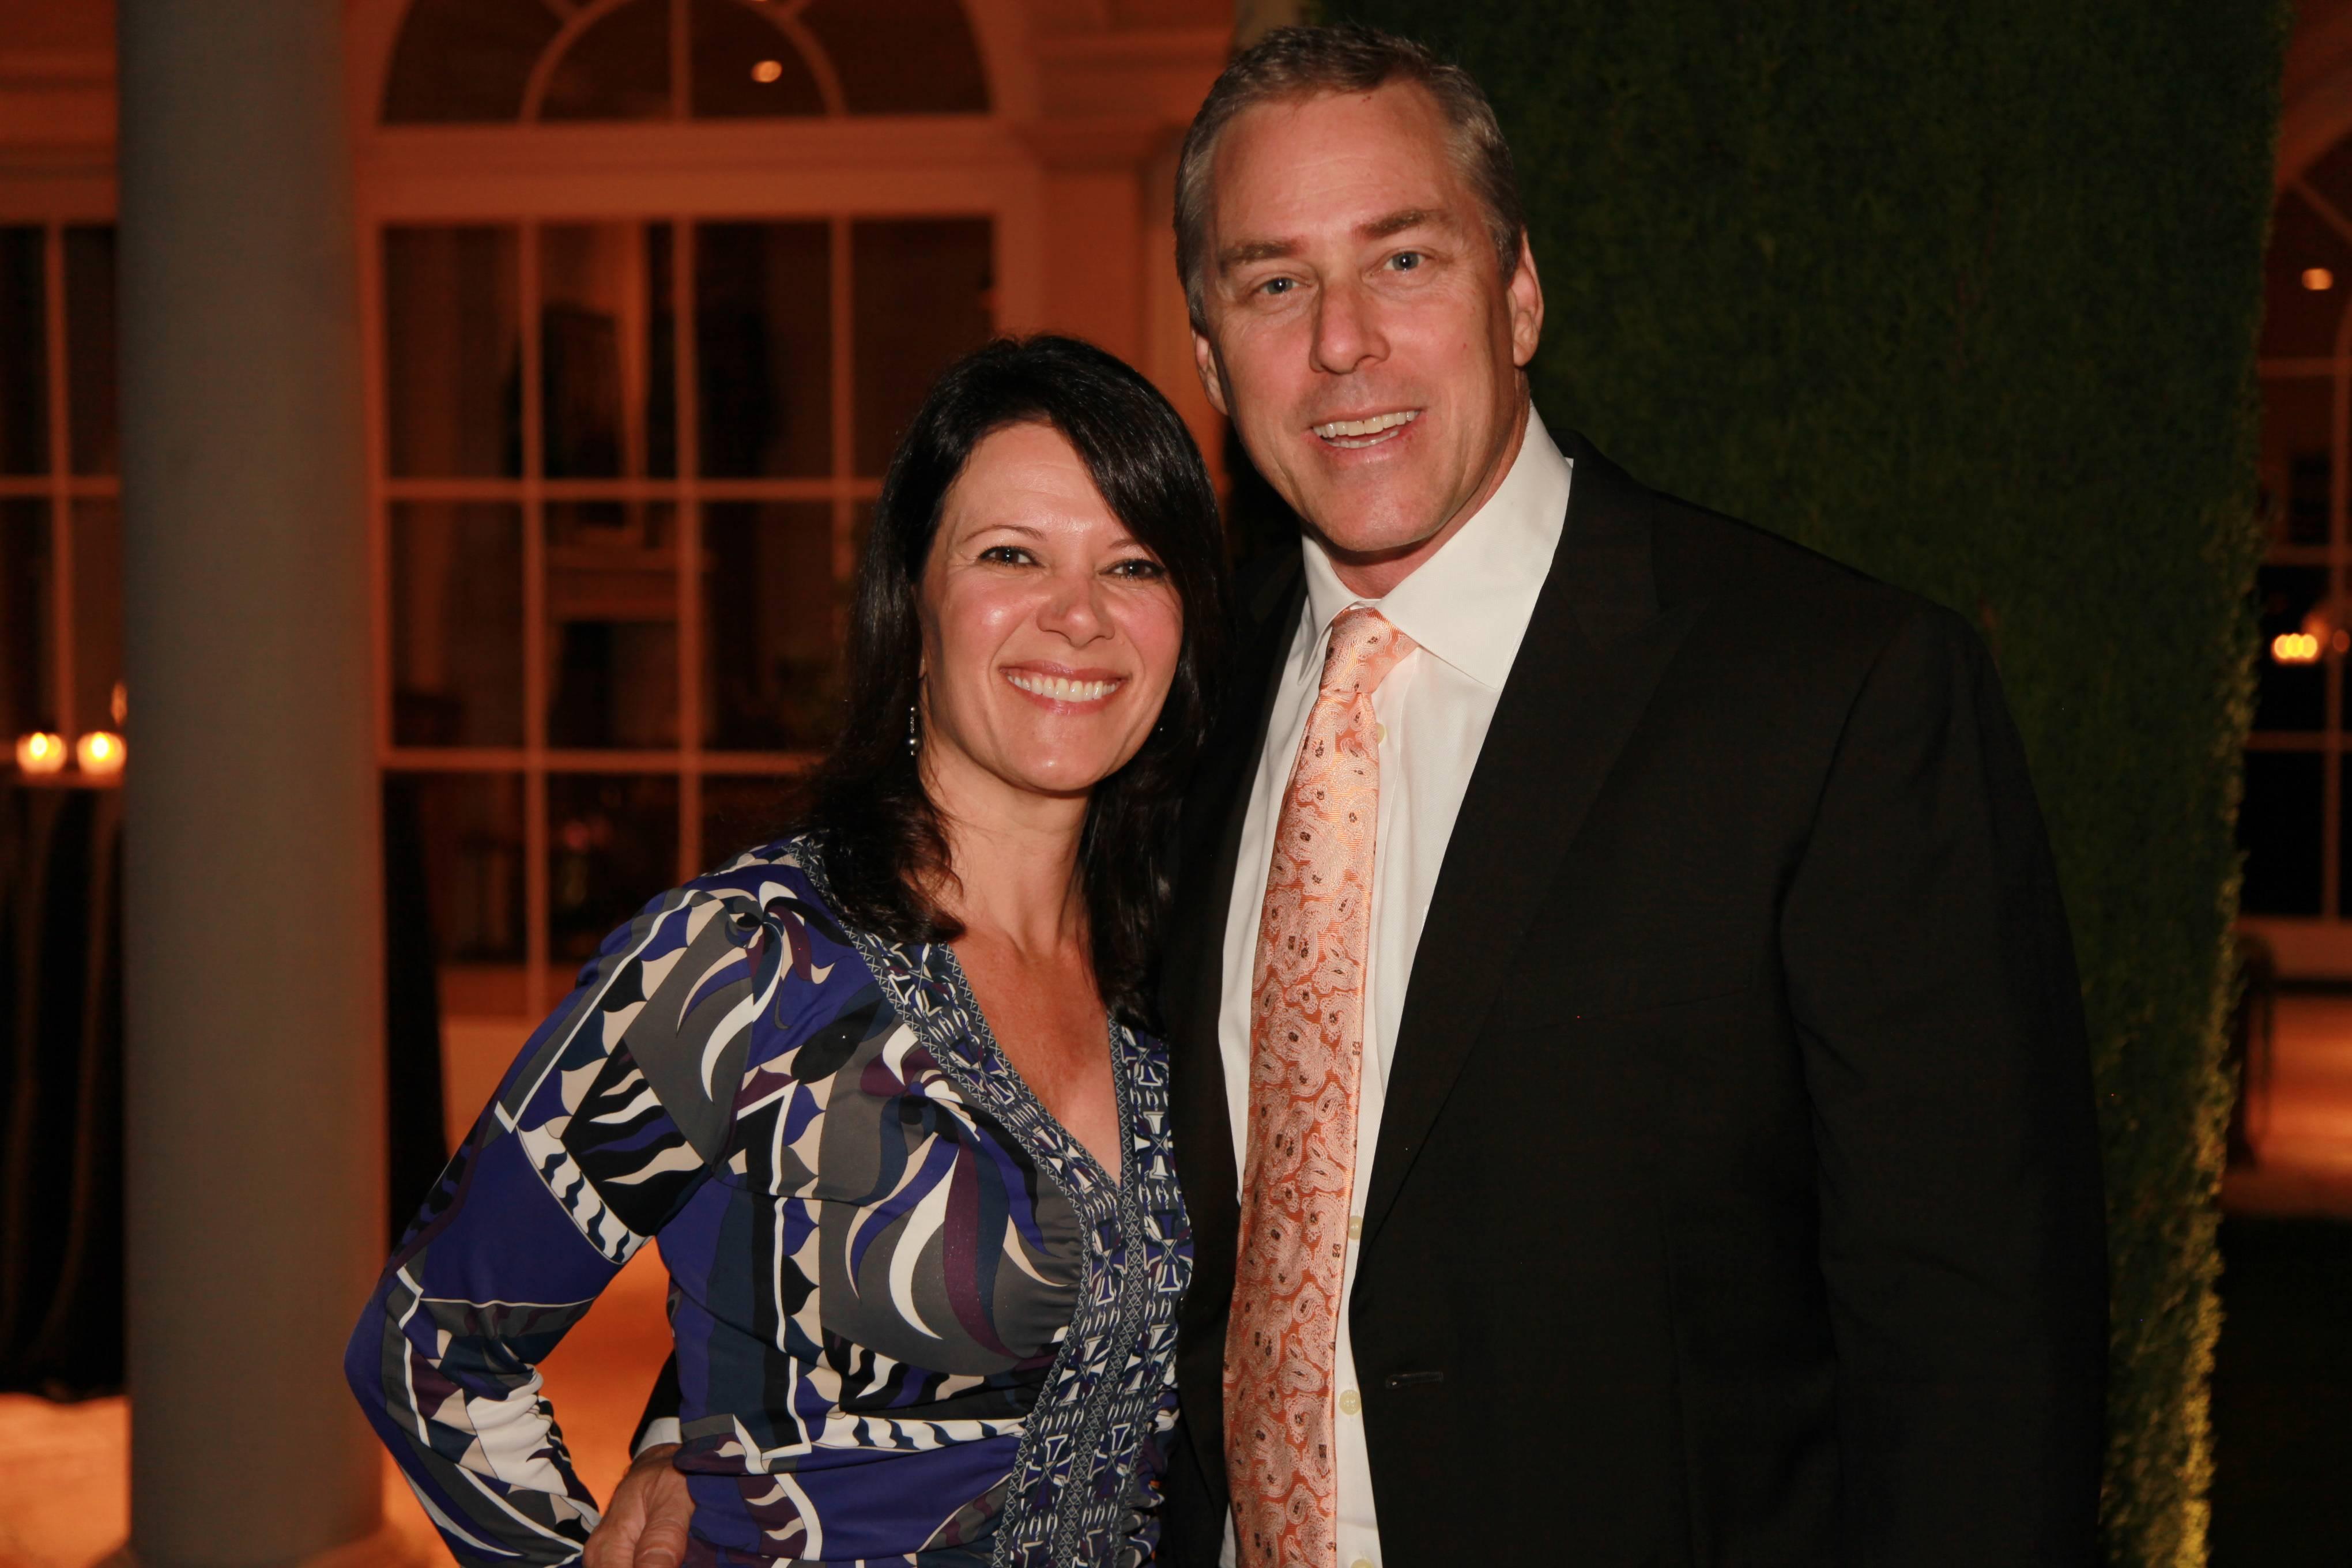 Ann & Eric Smyth